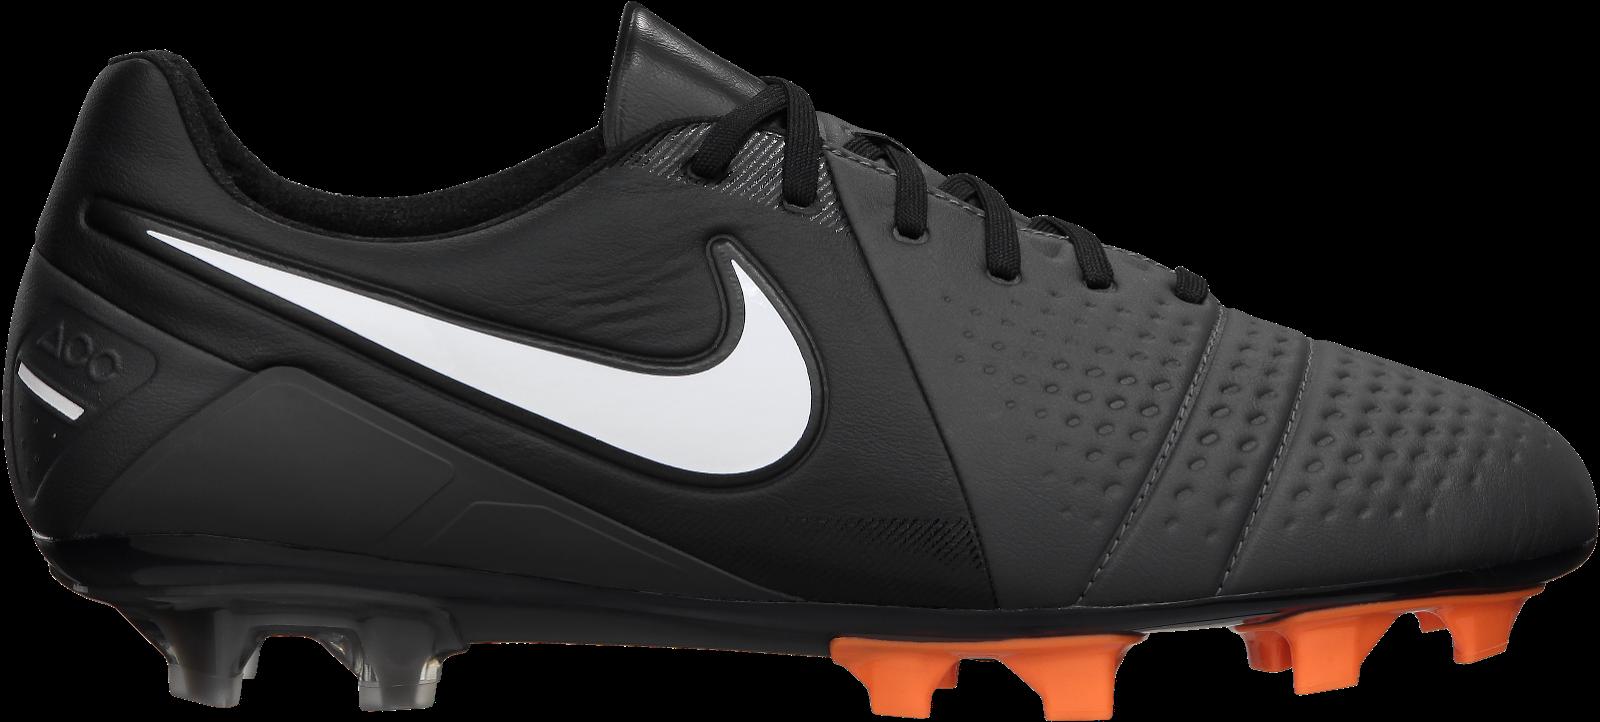 Nike Hypervenom Charcoal